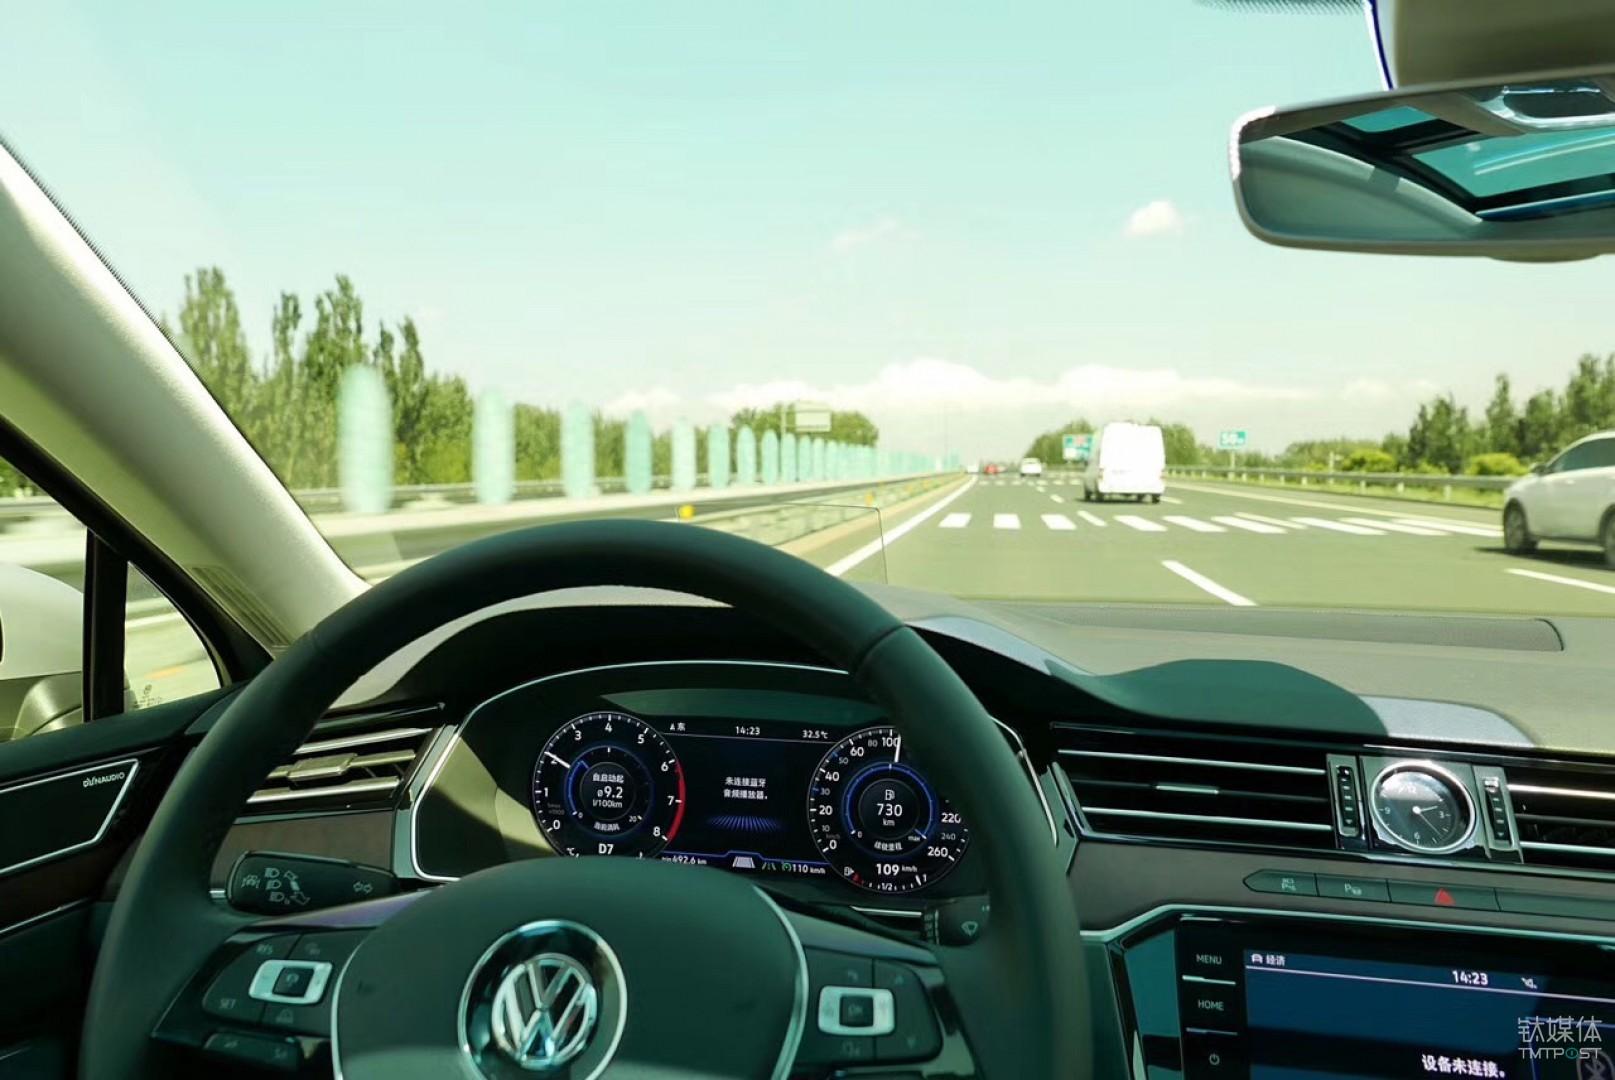 液晶仪表盘下方有车道保持和ACC的绿色高亮显示